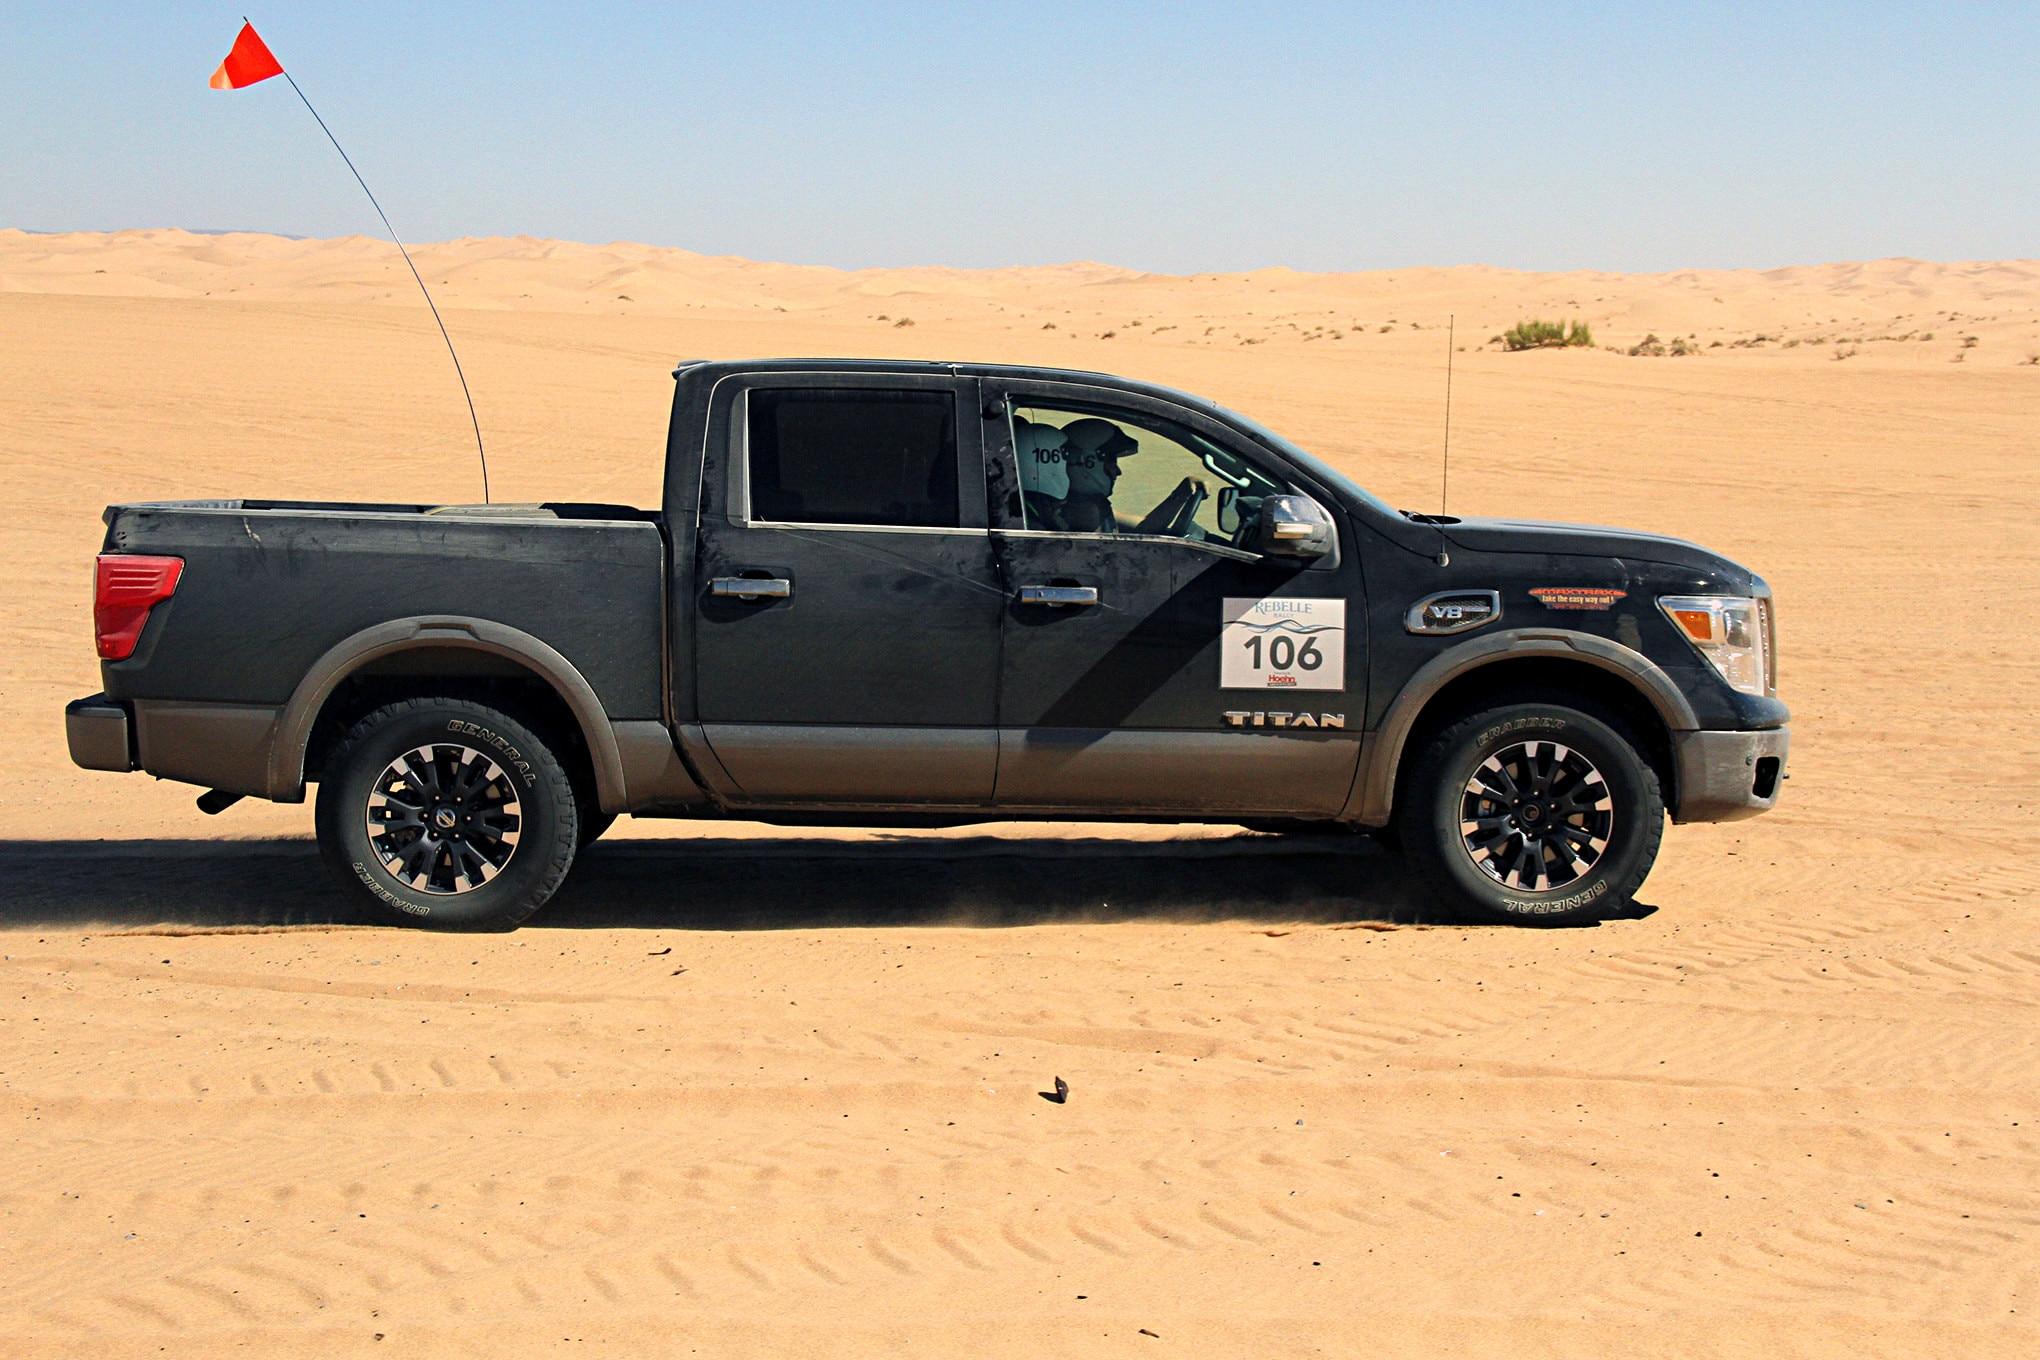 rebeller rally titan dunes